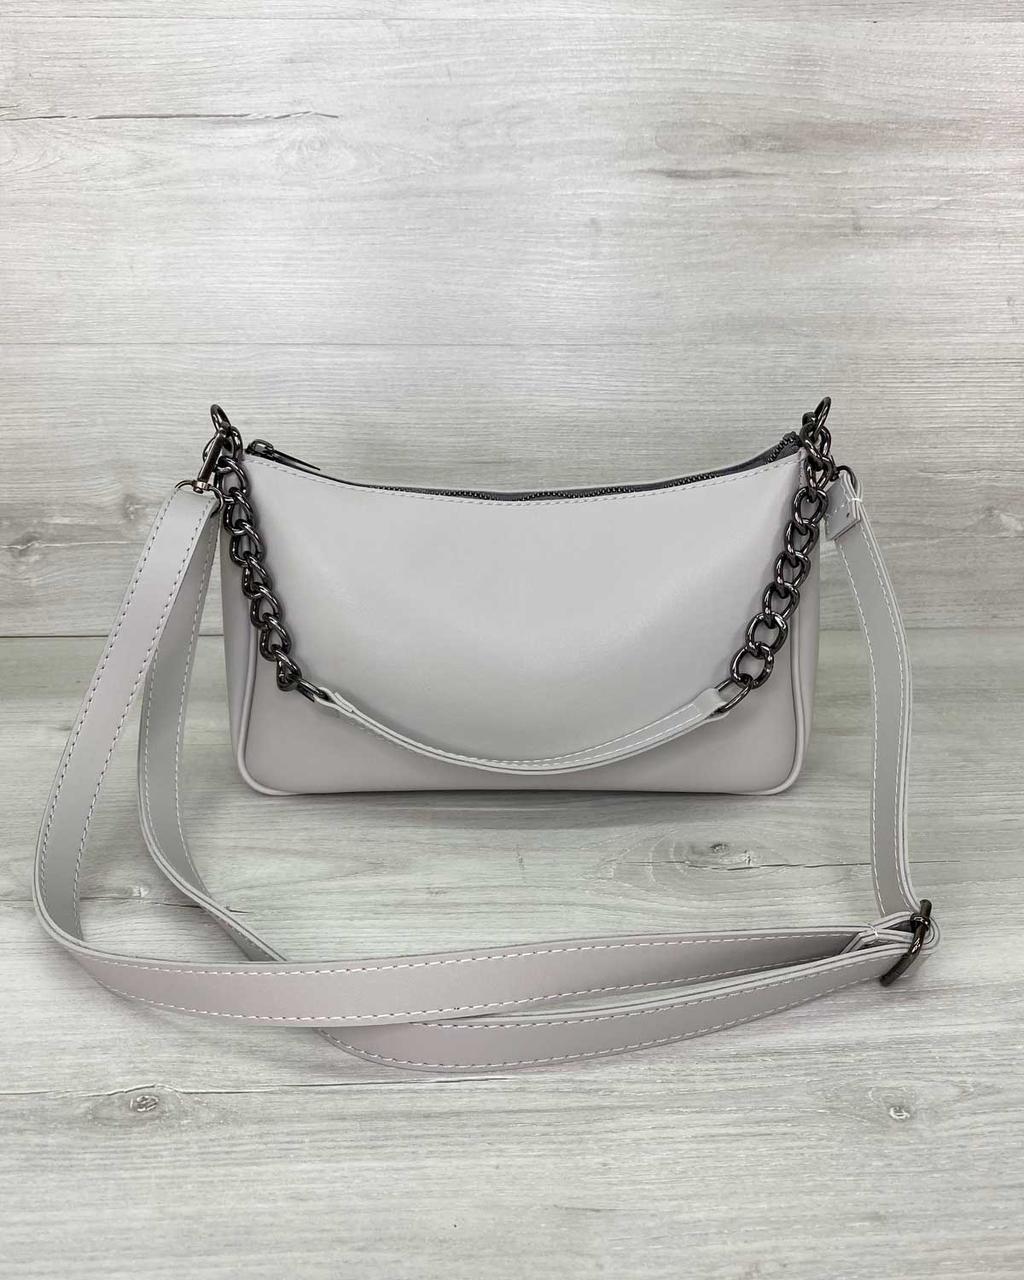 Стильная женская сумка клатч, стильный клатч, женская сумочка «Луна» серая